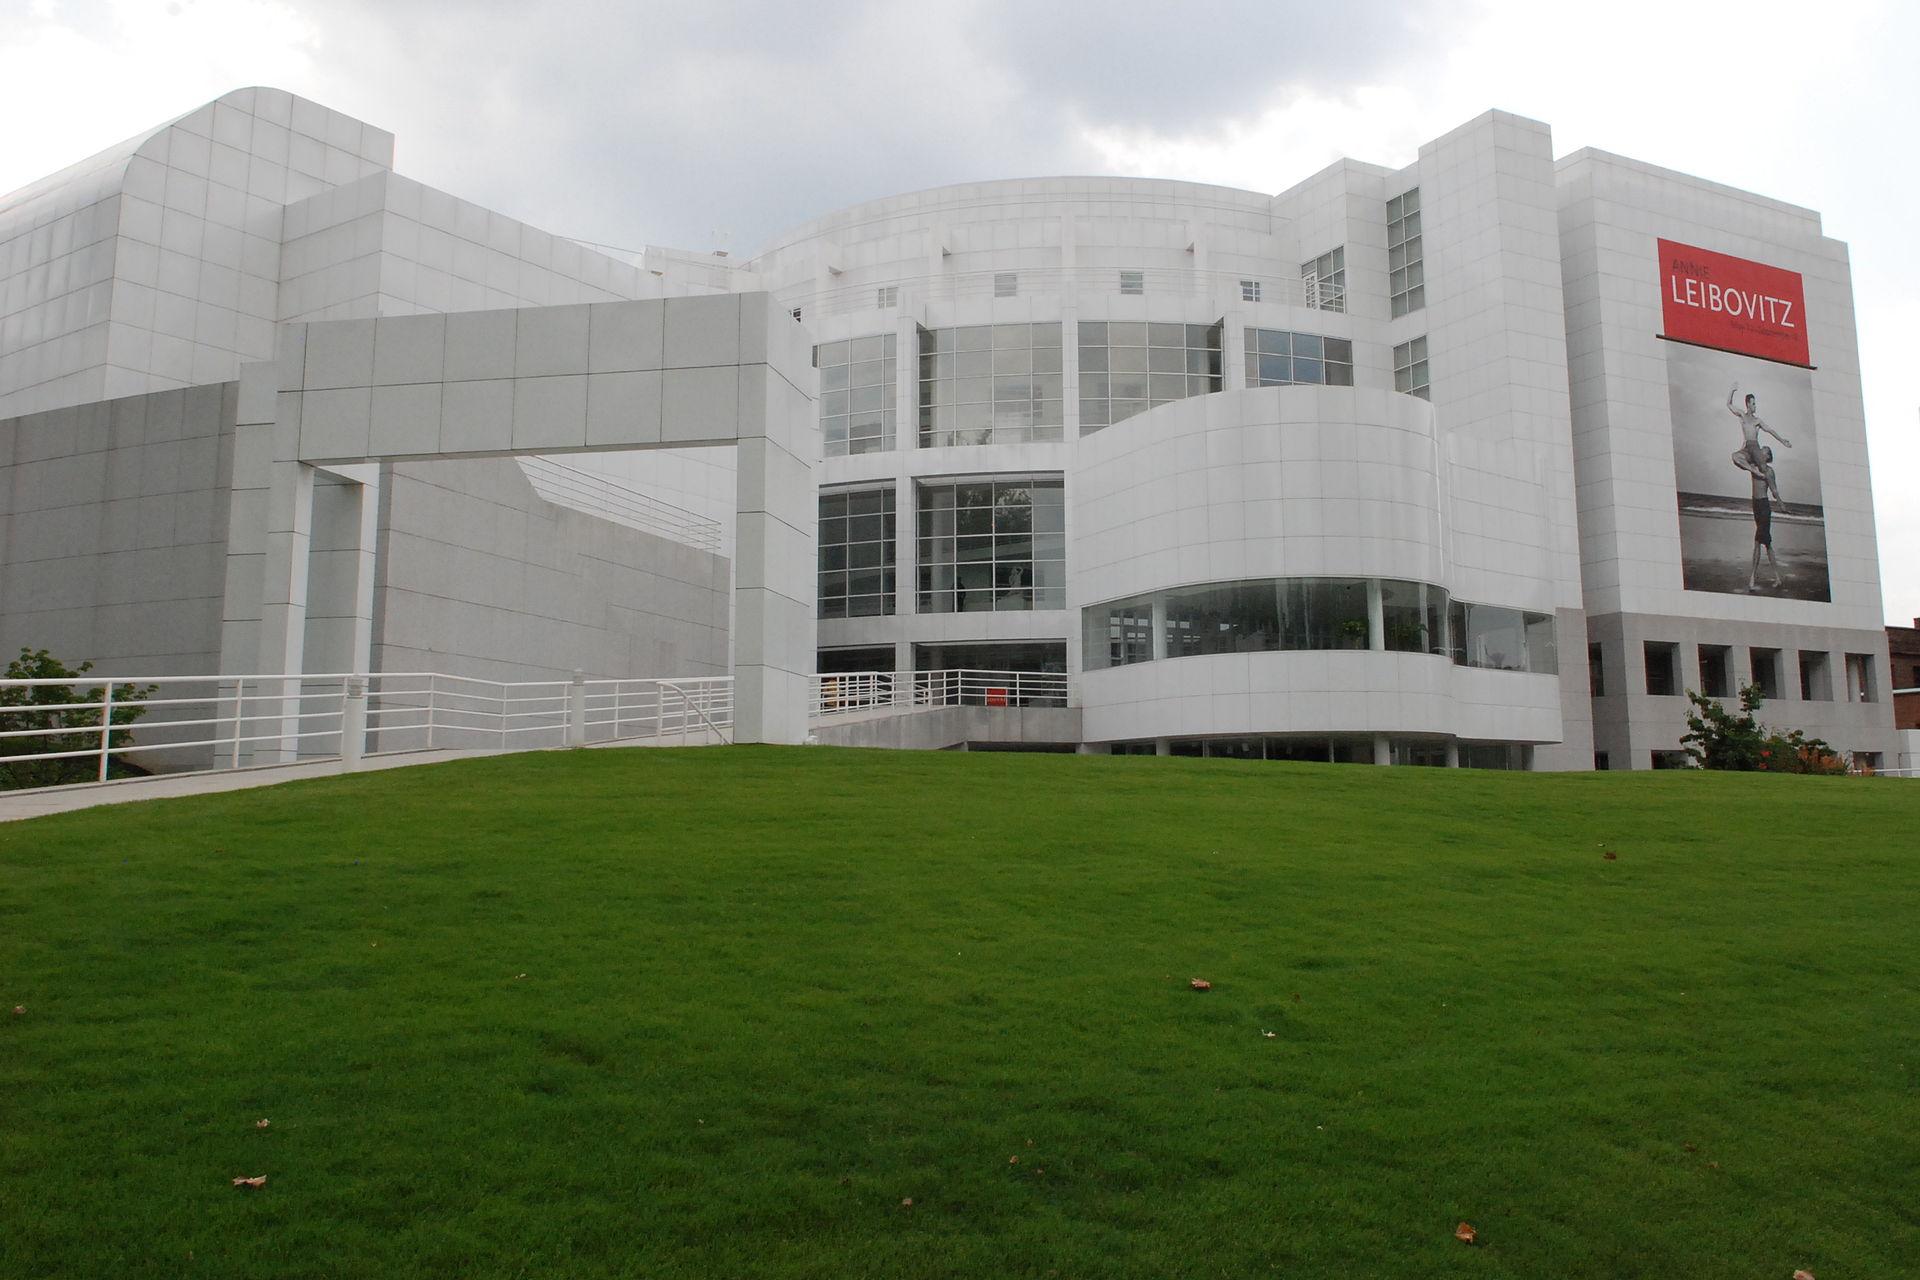 High Museum of Art - Atlanta, GA - Flickr - hyku (11).jpg